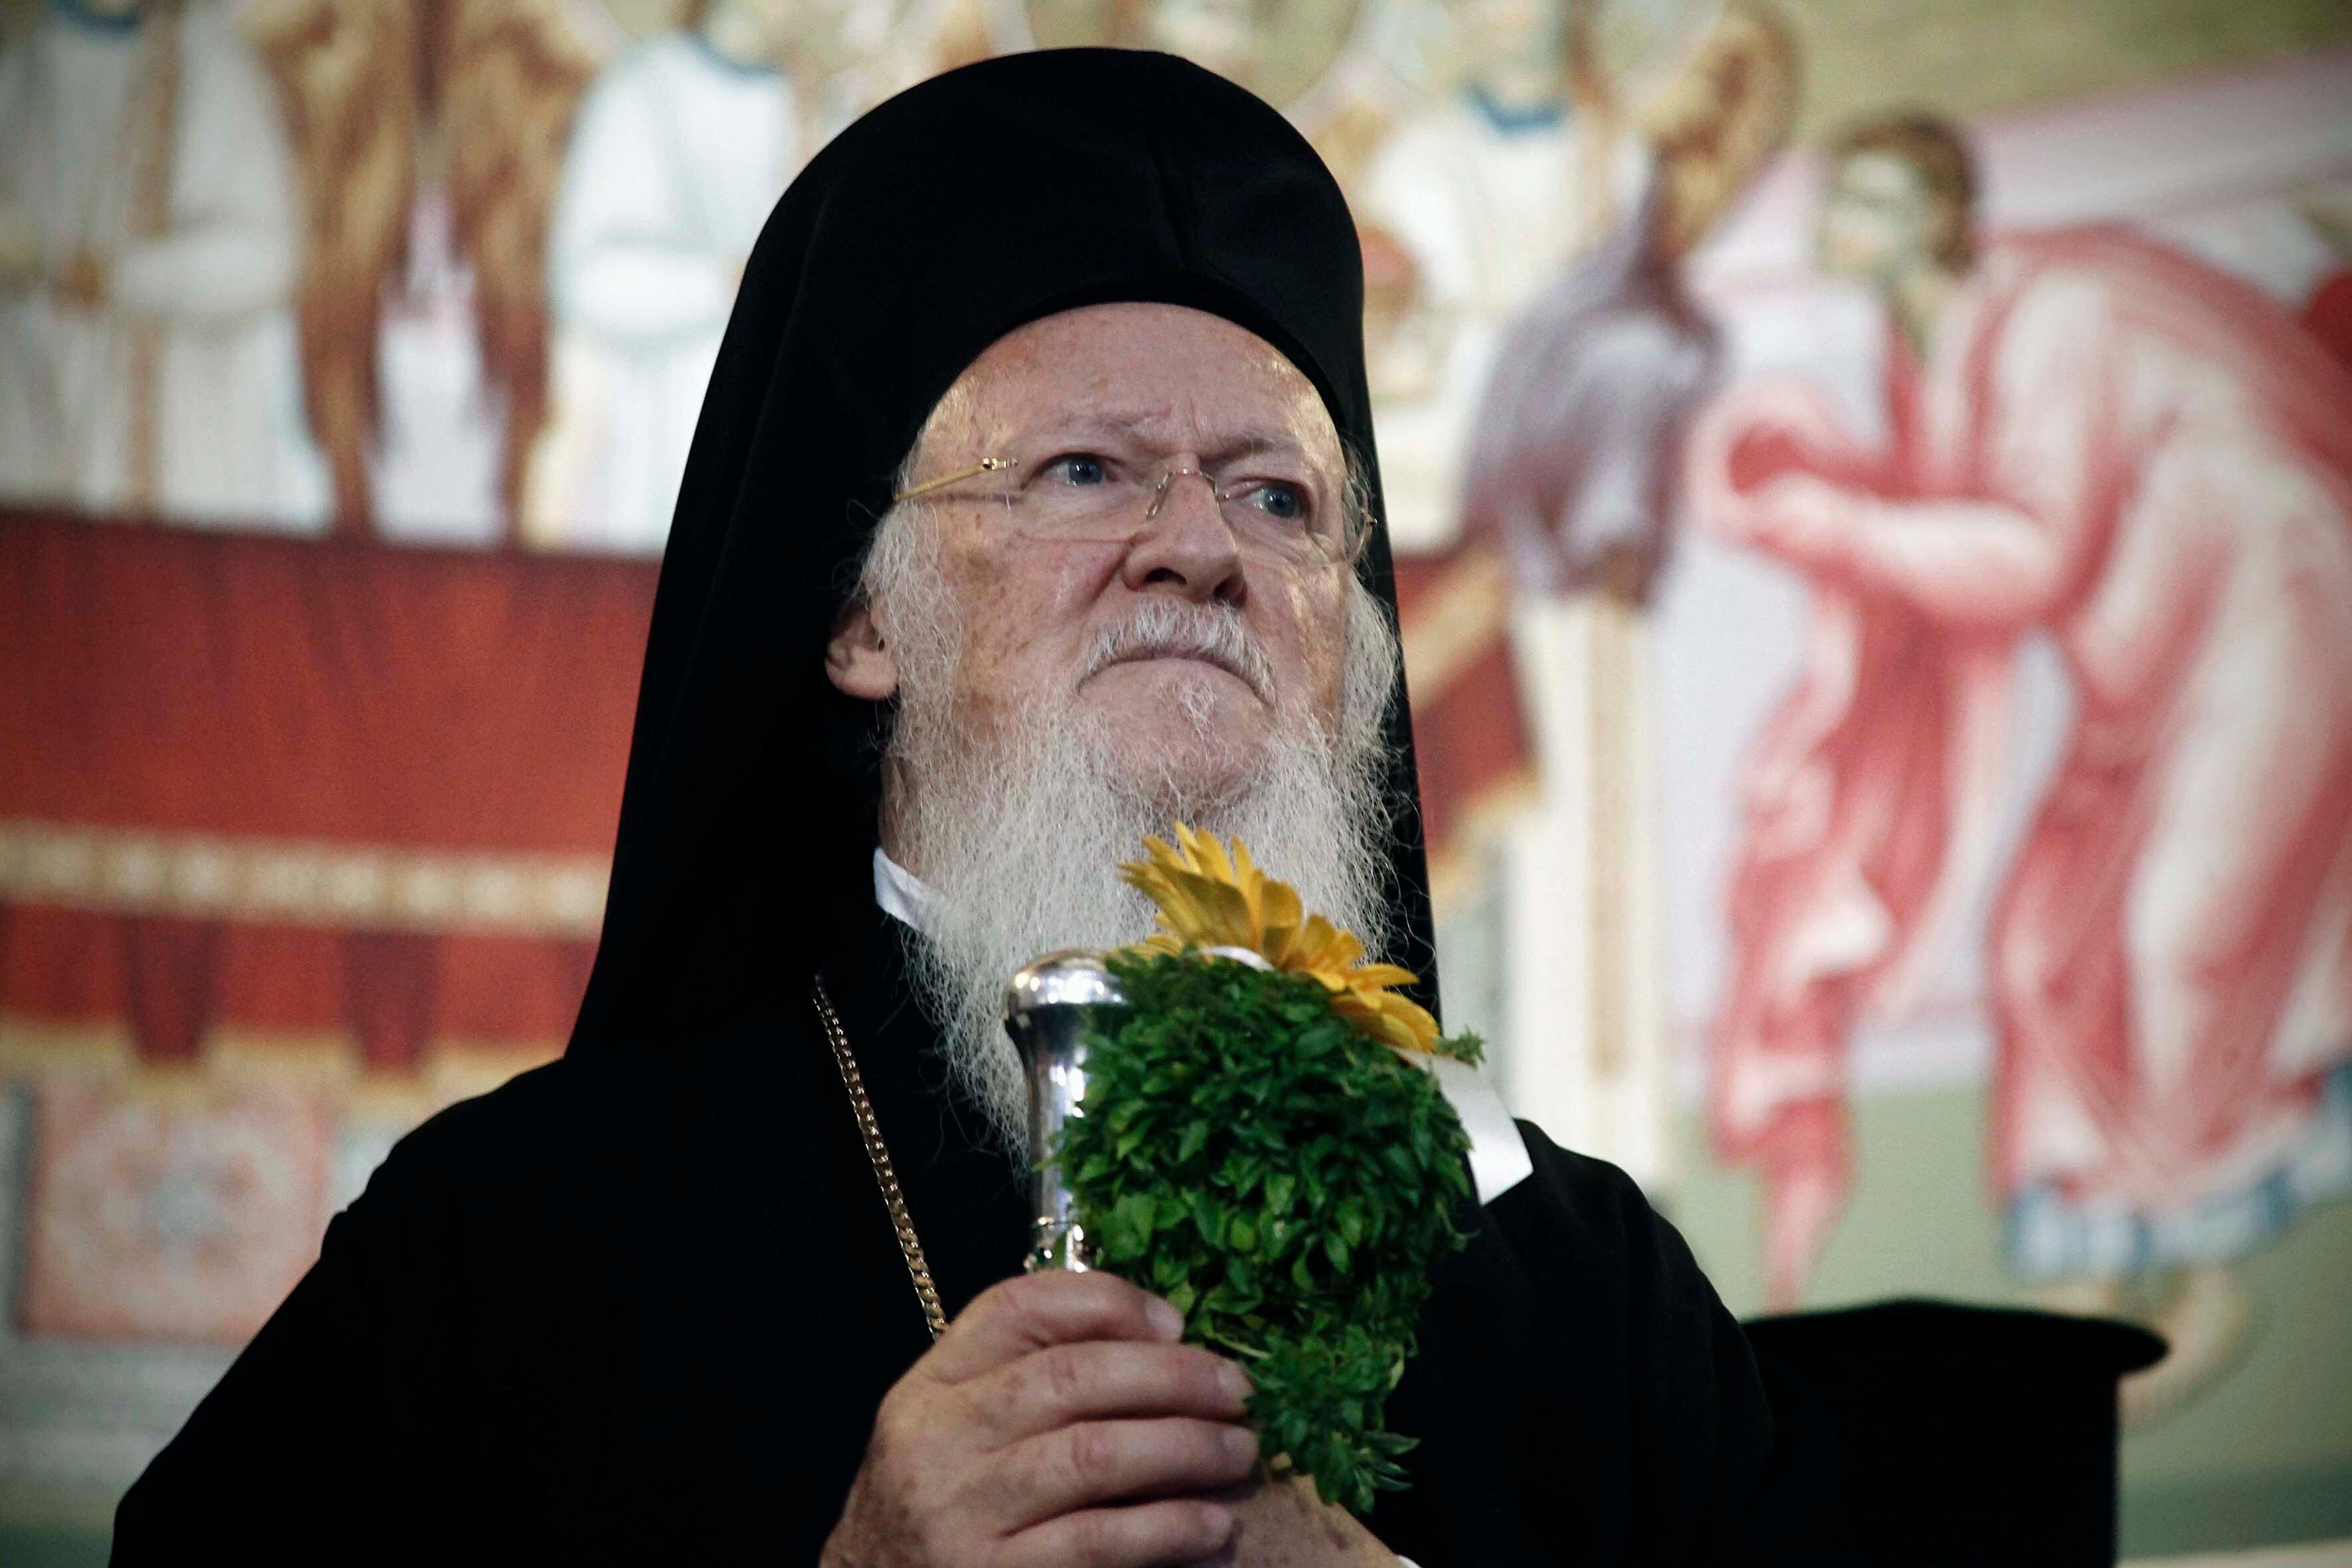 Κίνηση – έκπληξη από τον Ερντογάν: Κάλεσε τον Πατριάρχη Βαρθολομαίο στο δείπνο προς τιμήν του Αλέξη Τσίπρα